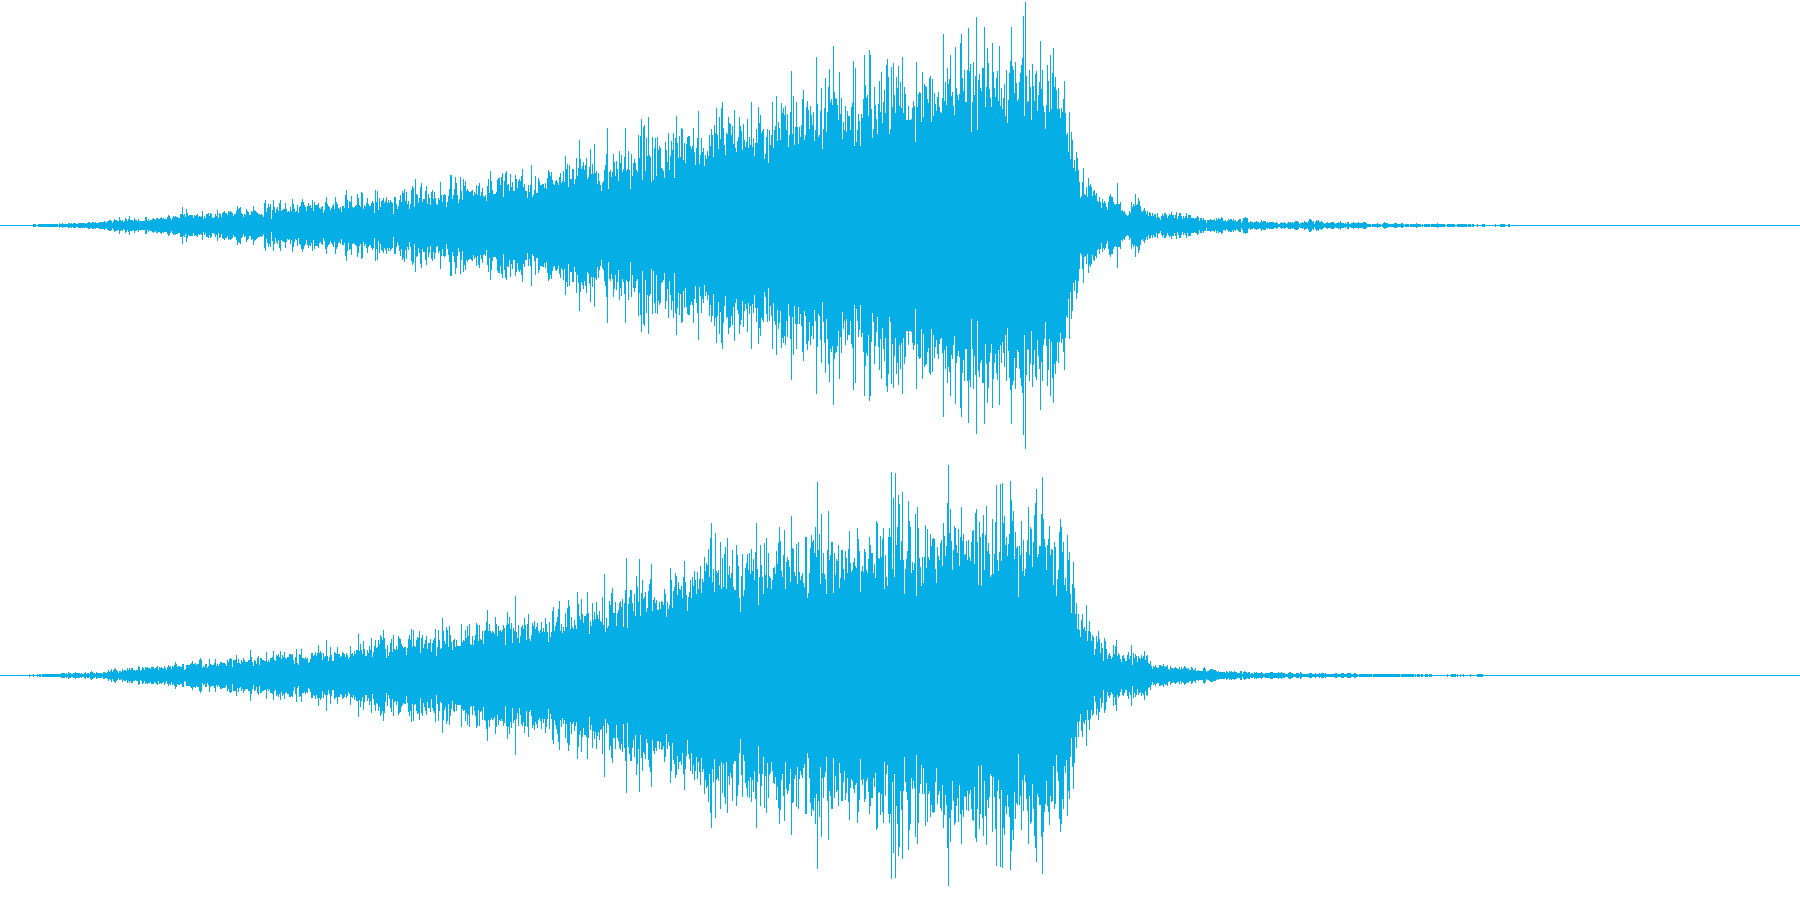 【映画・シネマ】ウィーン・・・ヒュンッ!の再生済みの波形